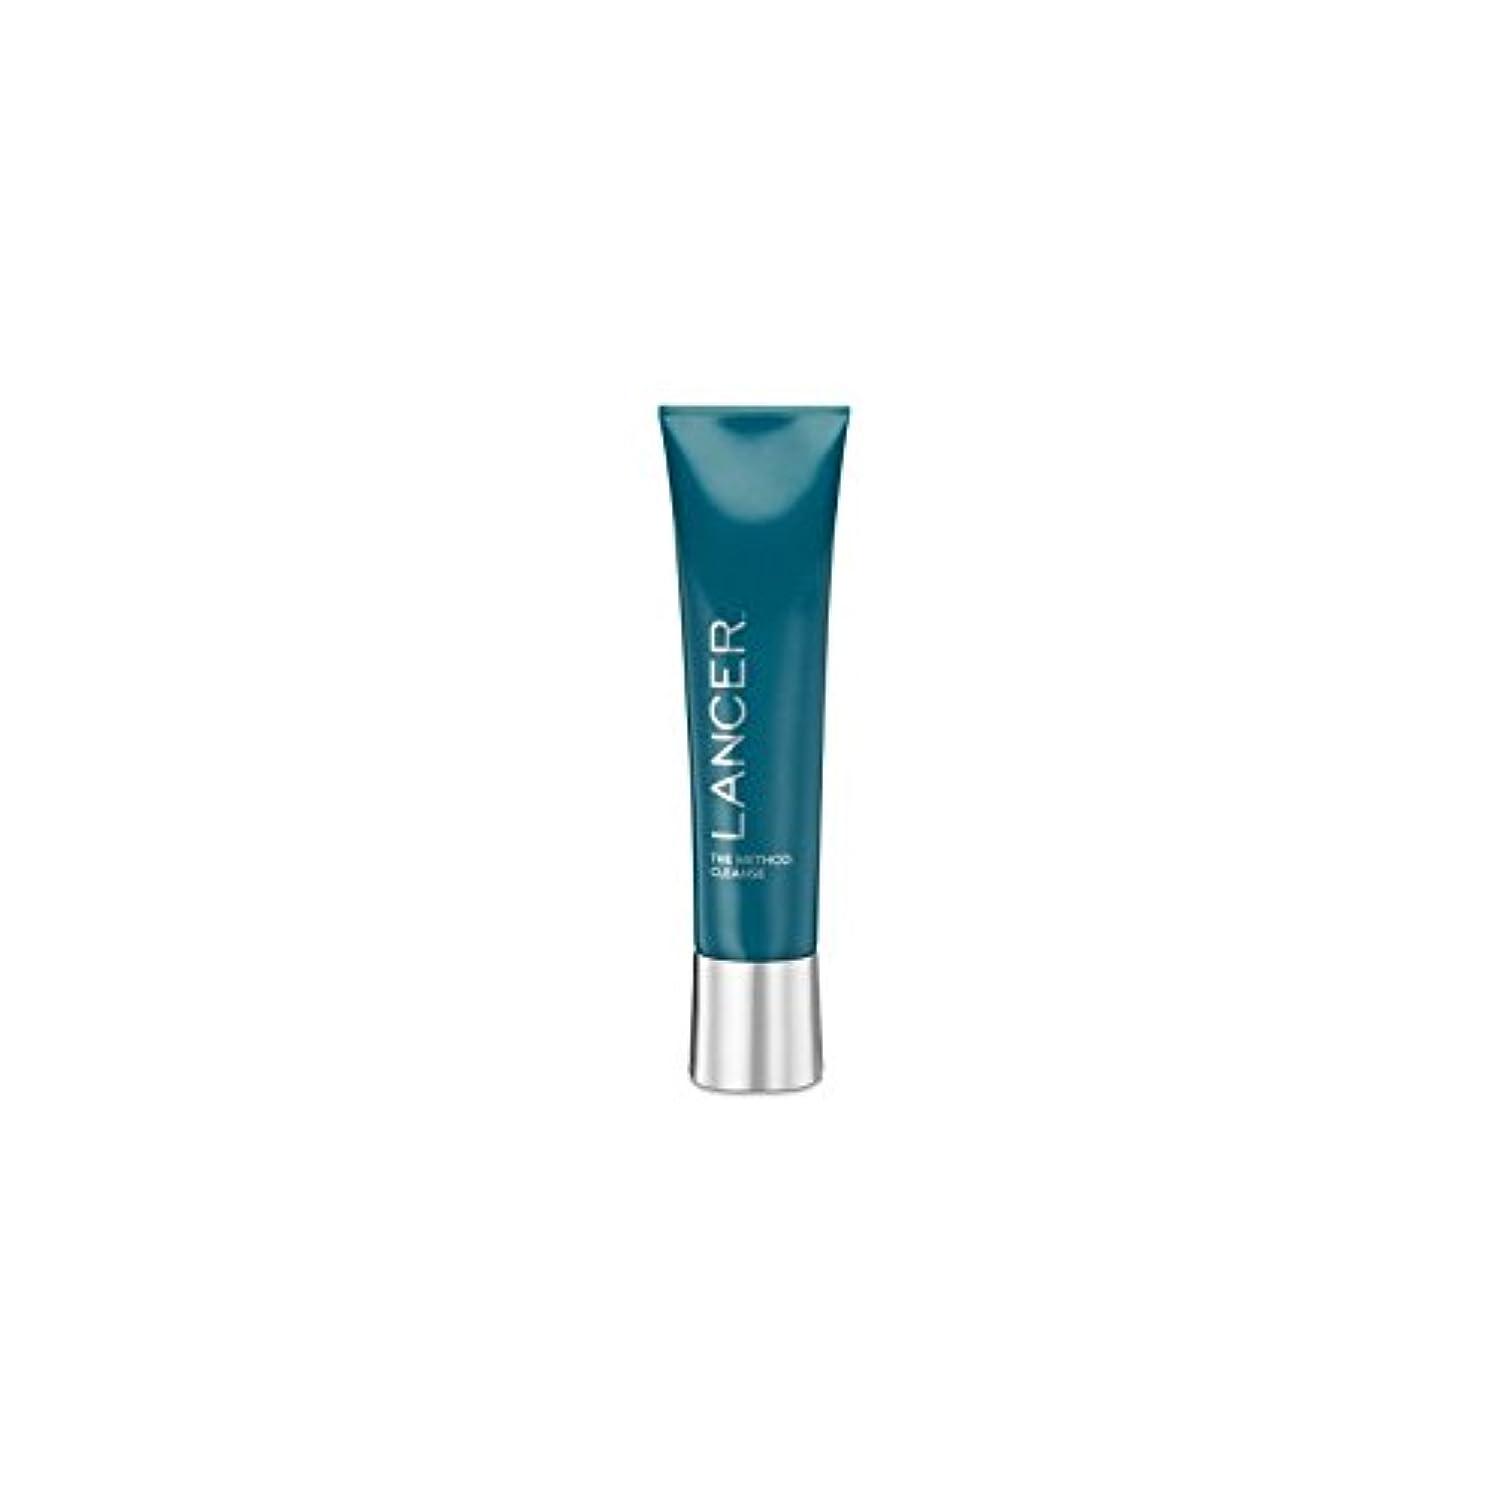 せっかちアクション判読できないLancer Skincare The Method: Cleanser (120ml) (Pack of 6) - クレンザー(120ミリリットル):ランサーは、メソッドをスキンケア x6 [並行輸入品]